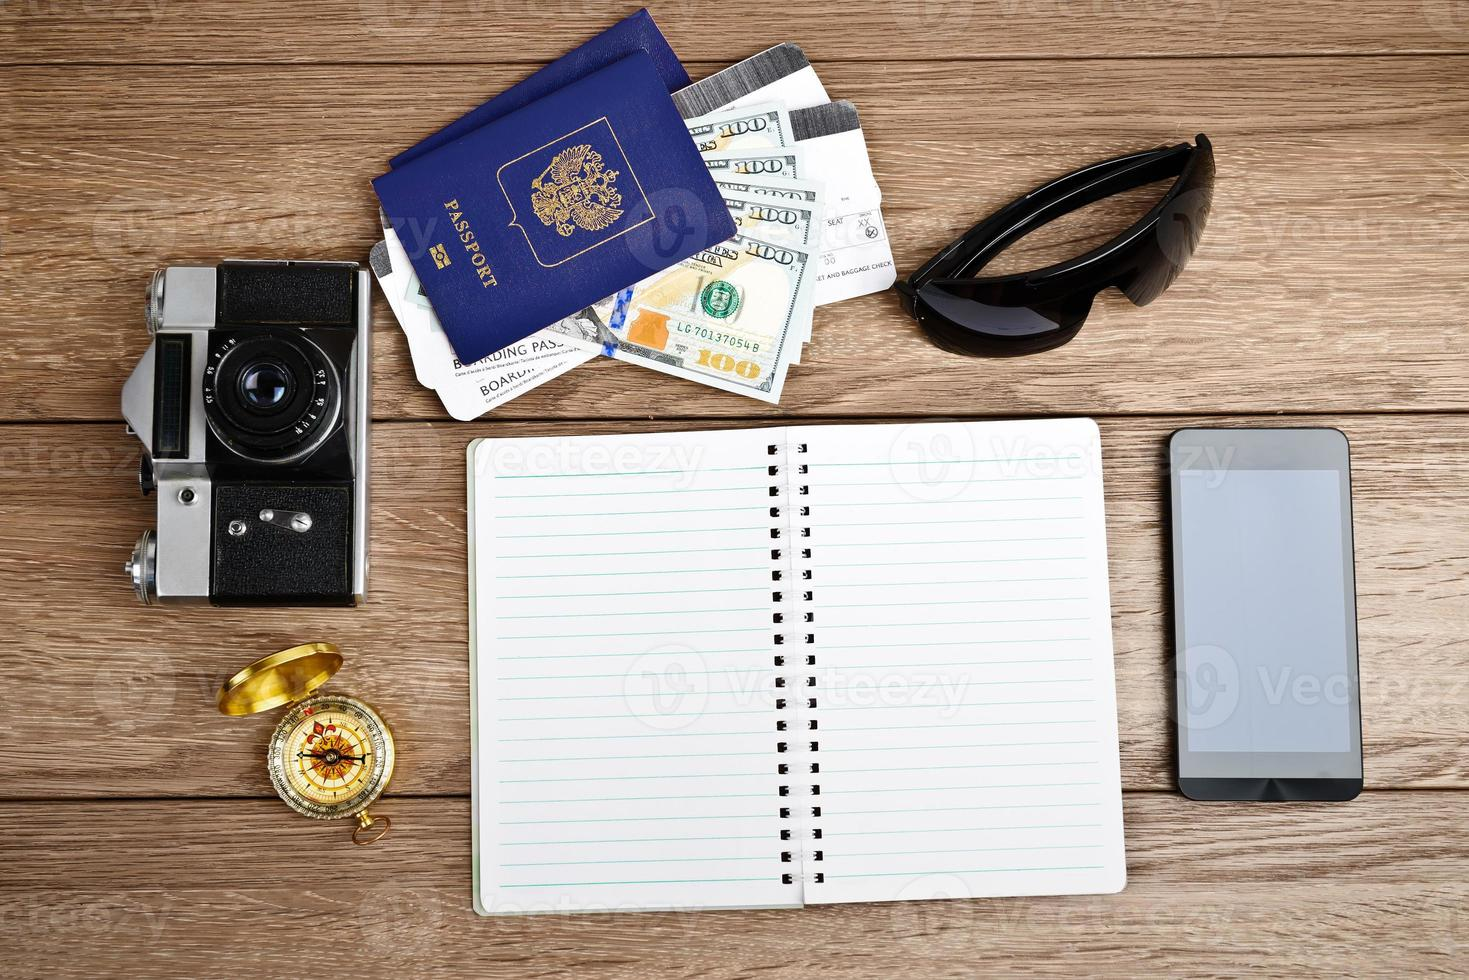 concept de tourisme: billets d'avion, passeports, smartphone, boussole, ca photo